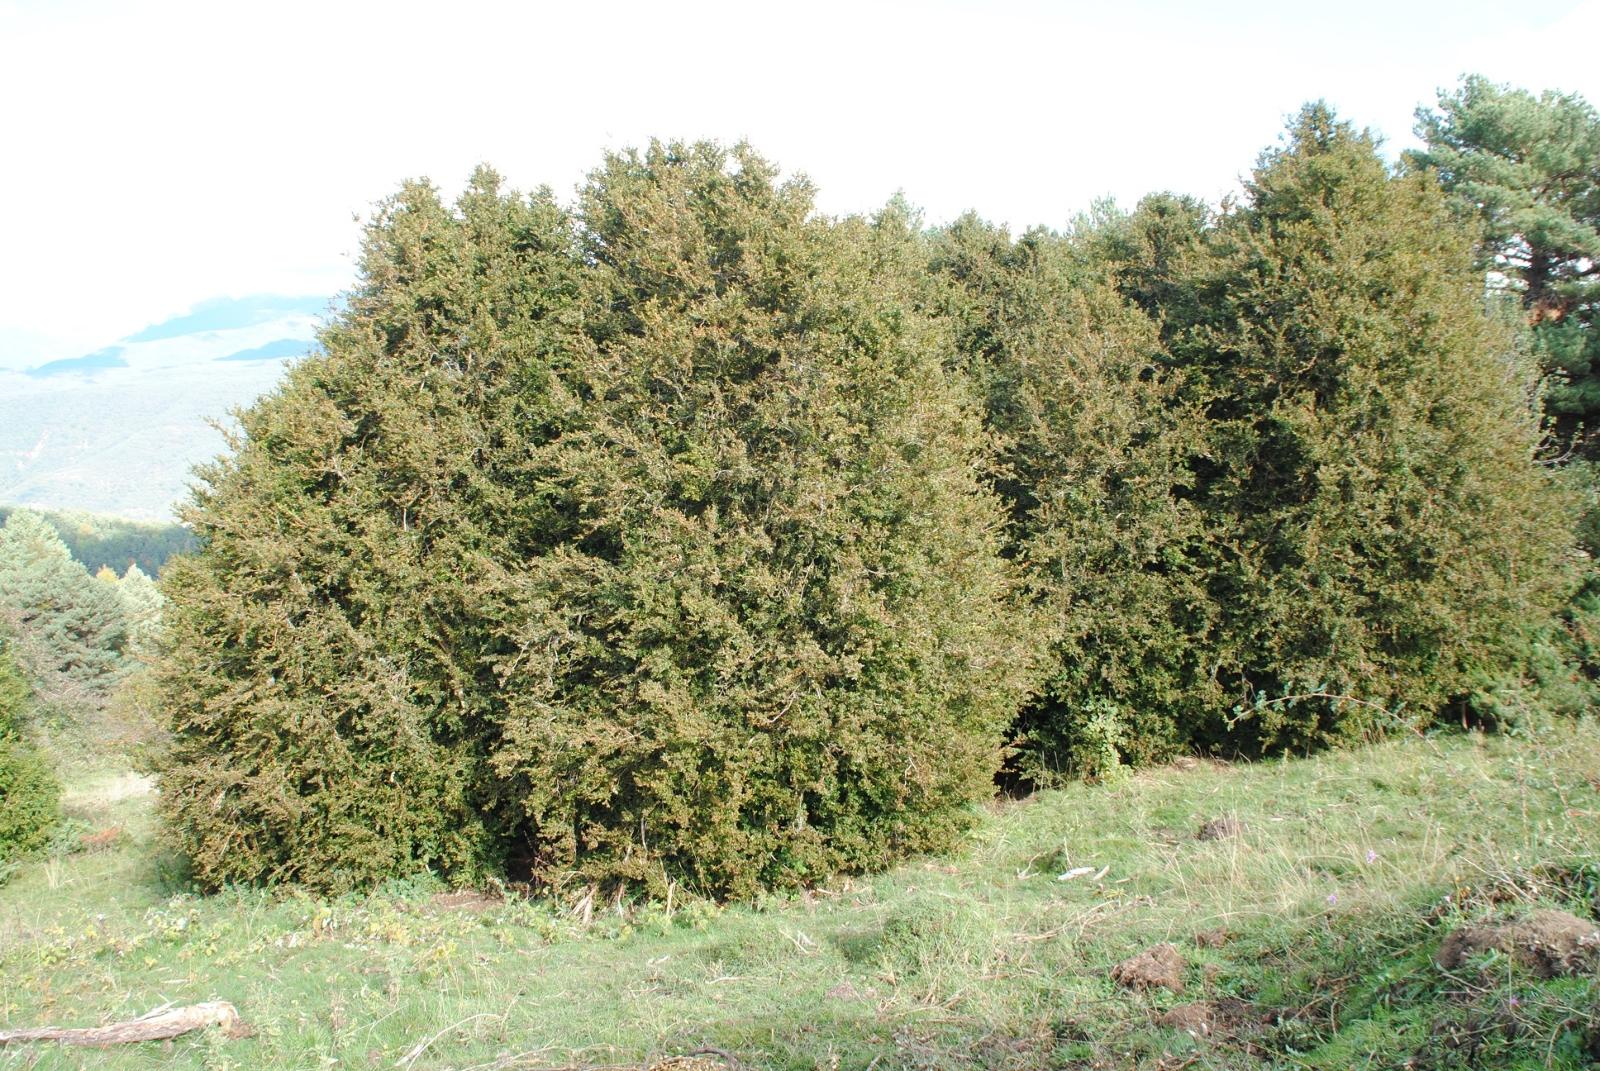 Die über 3m hohen Büsche, die hier oben in großer Anzahl stehen, sind Buchsbäume, die wir eher klein und zierlich aus unseren Vorgärten kennen.